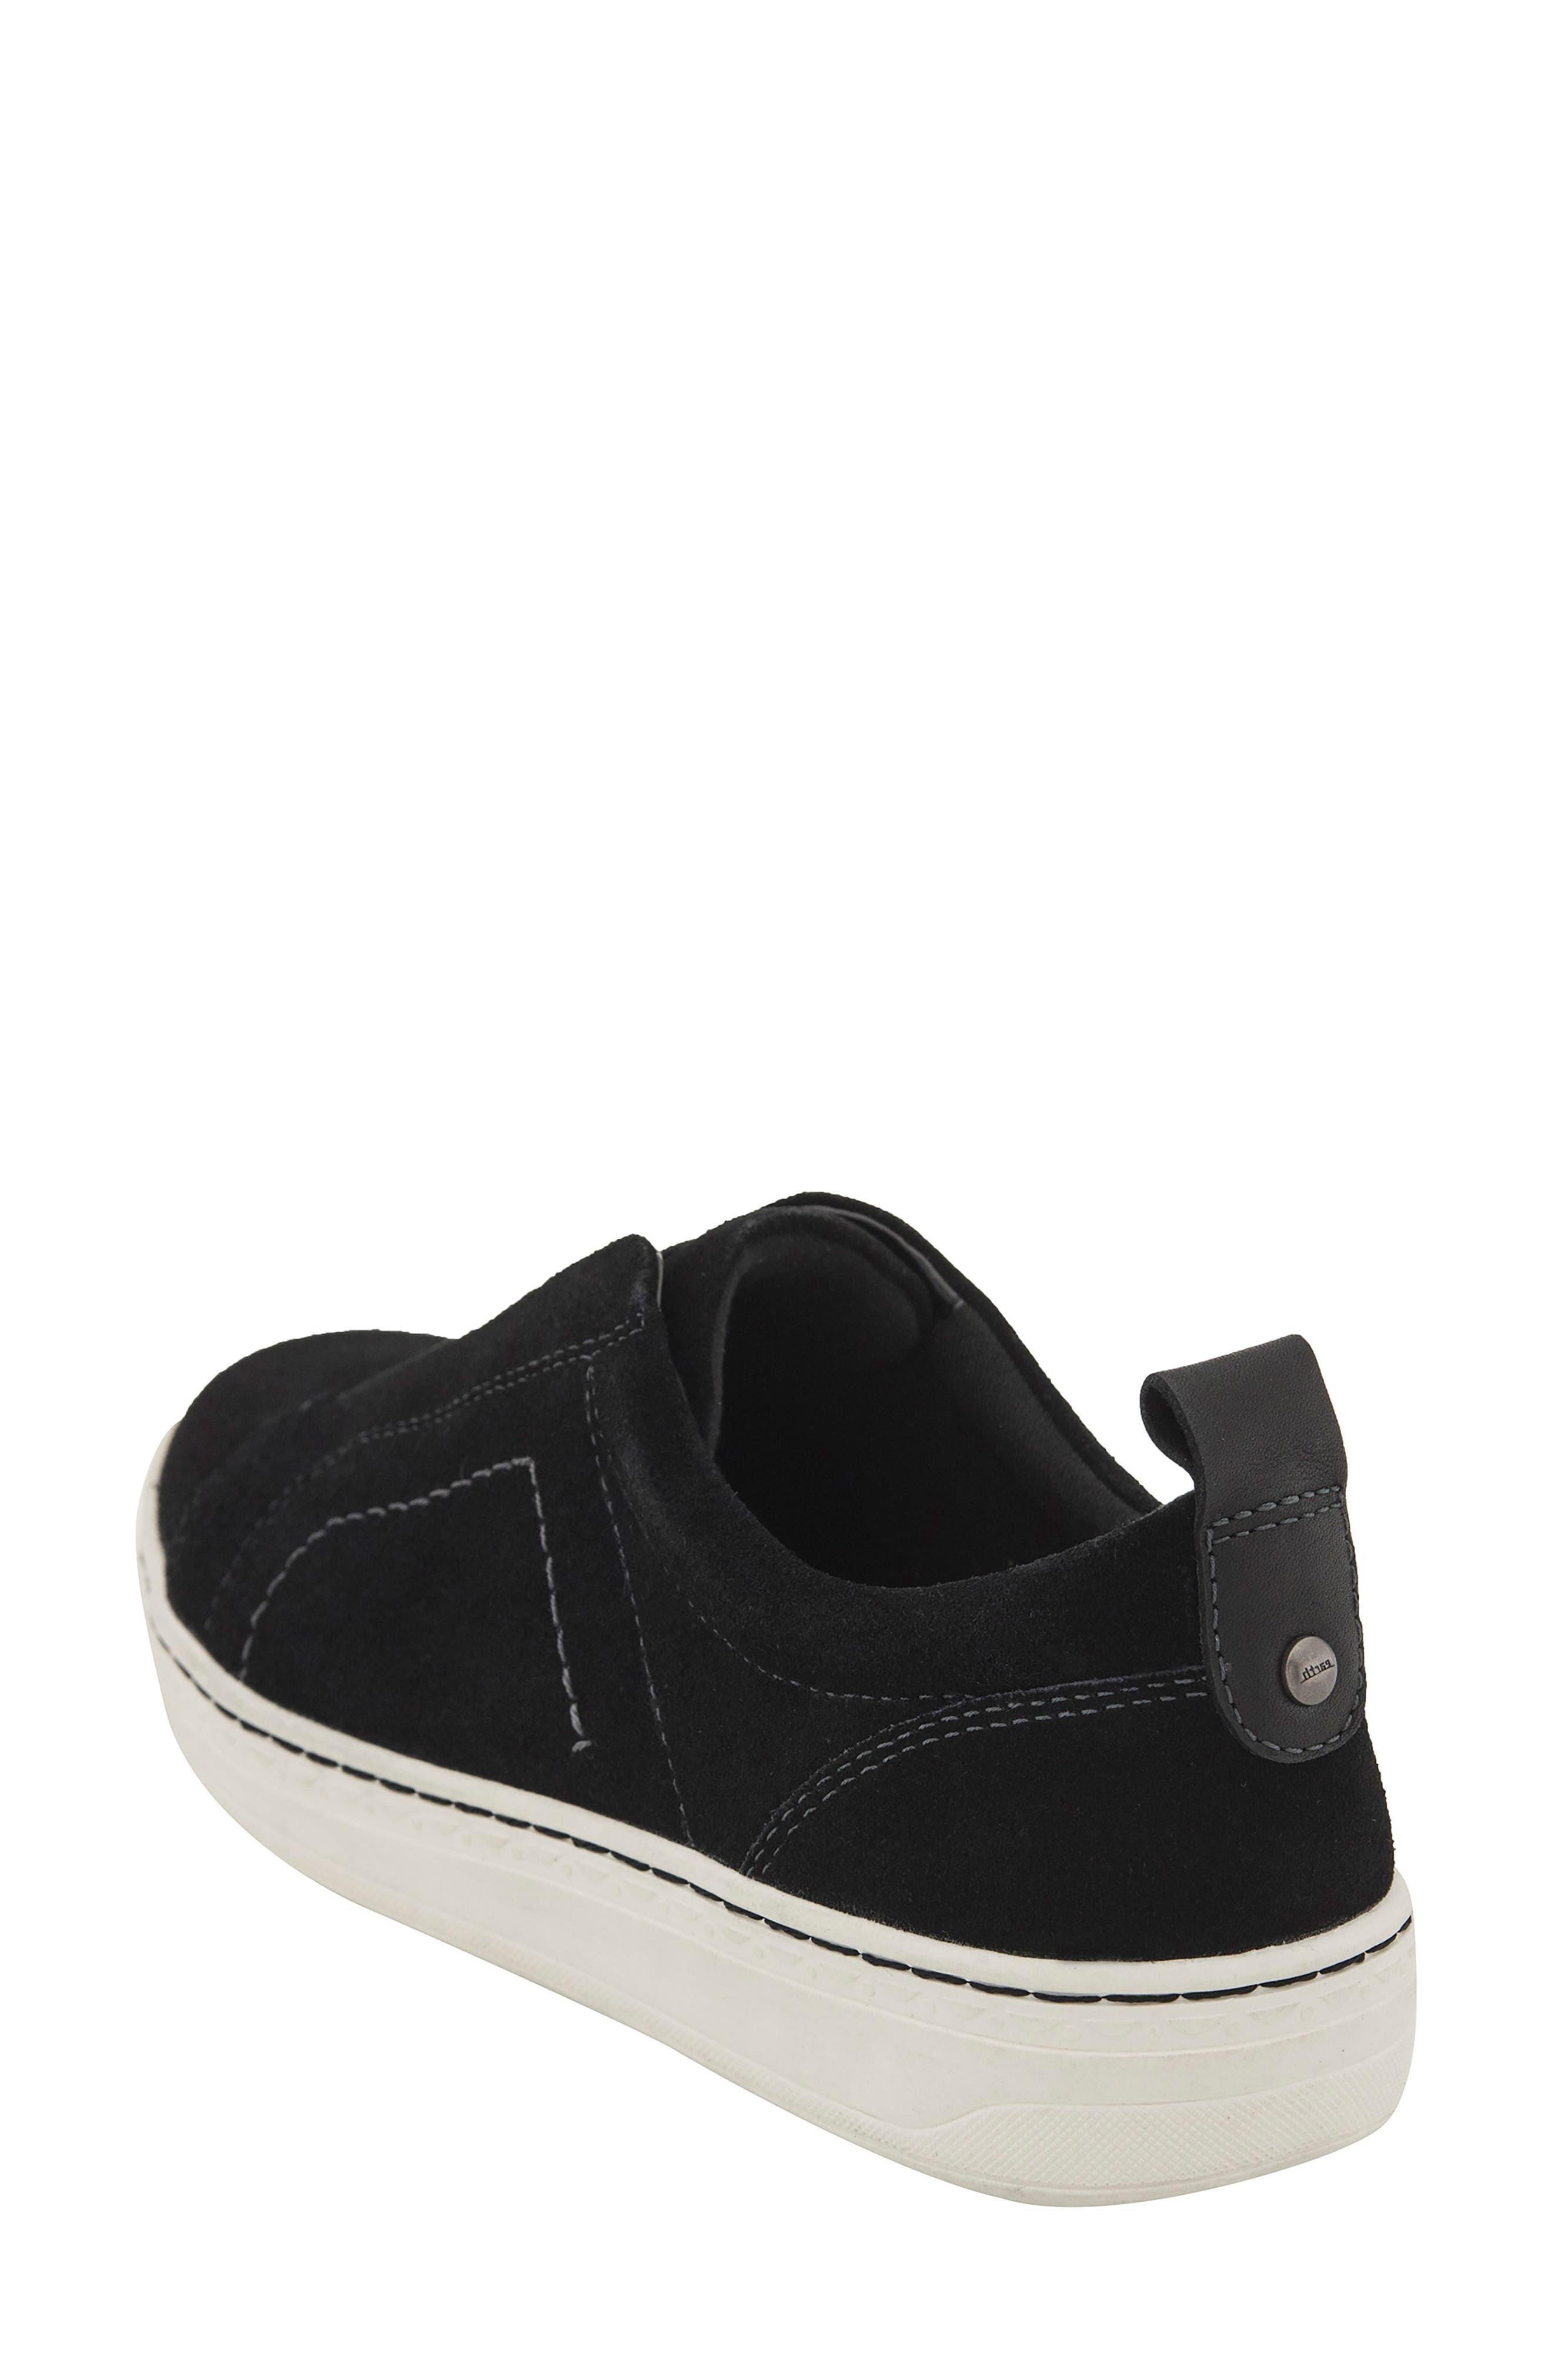 Zetta Slip-On Sneaker,                             Alternate thumbnail 4, color,